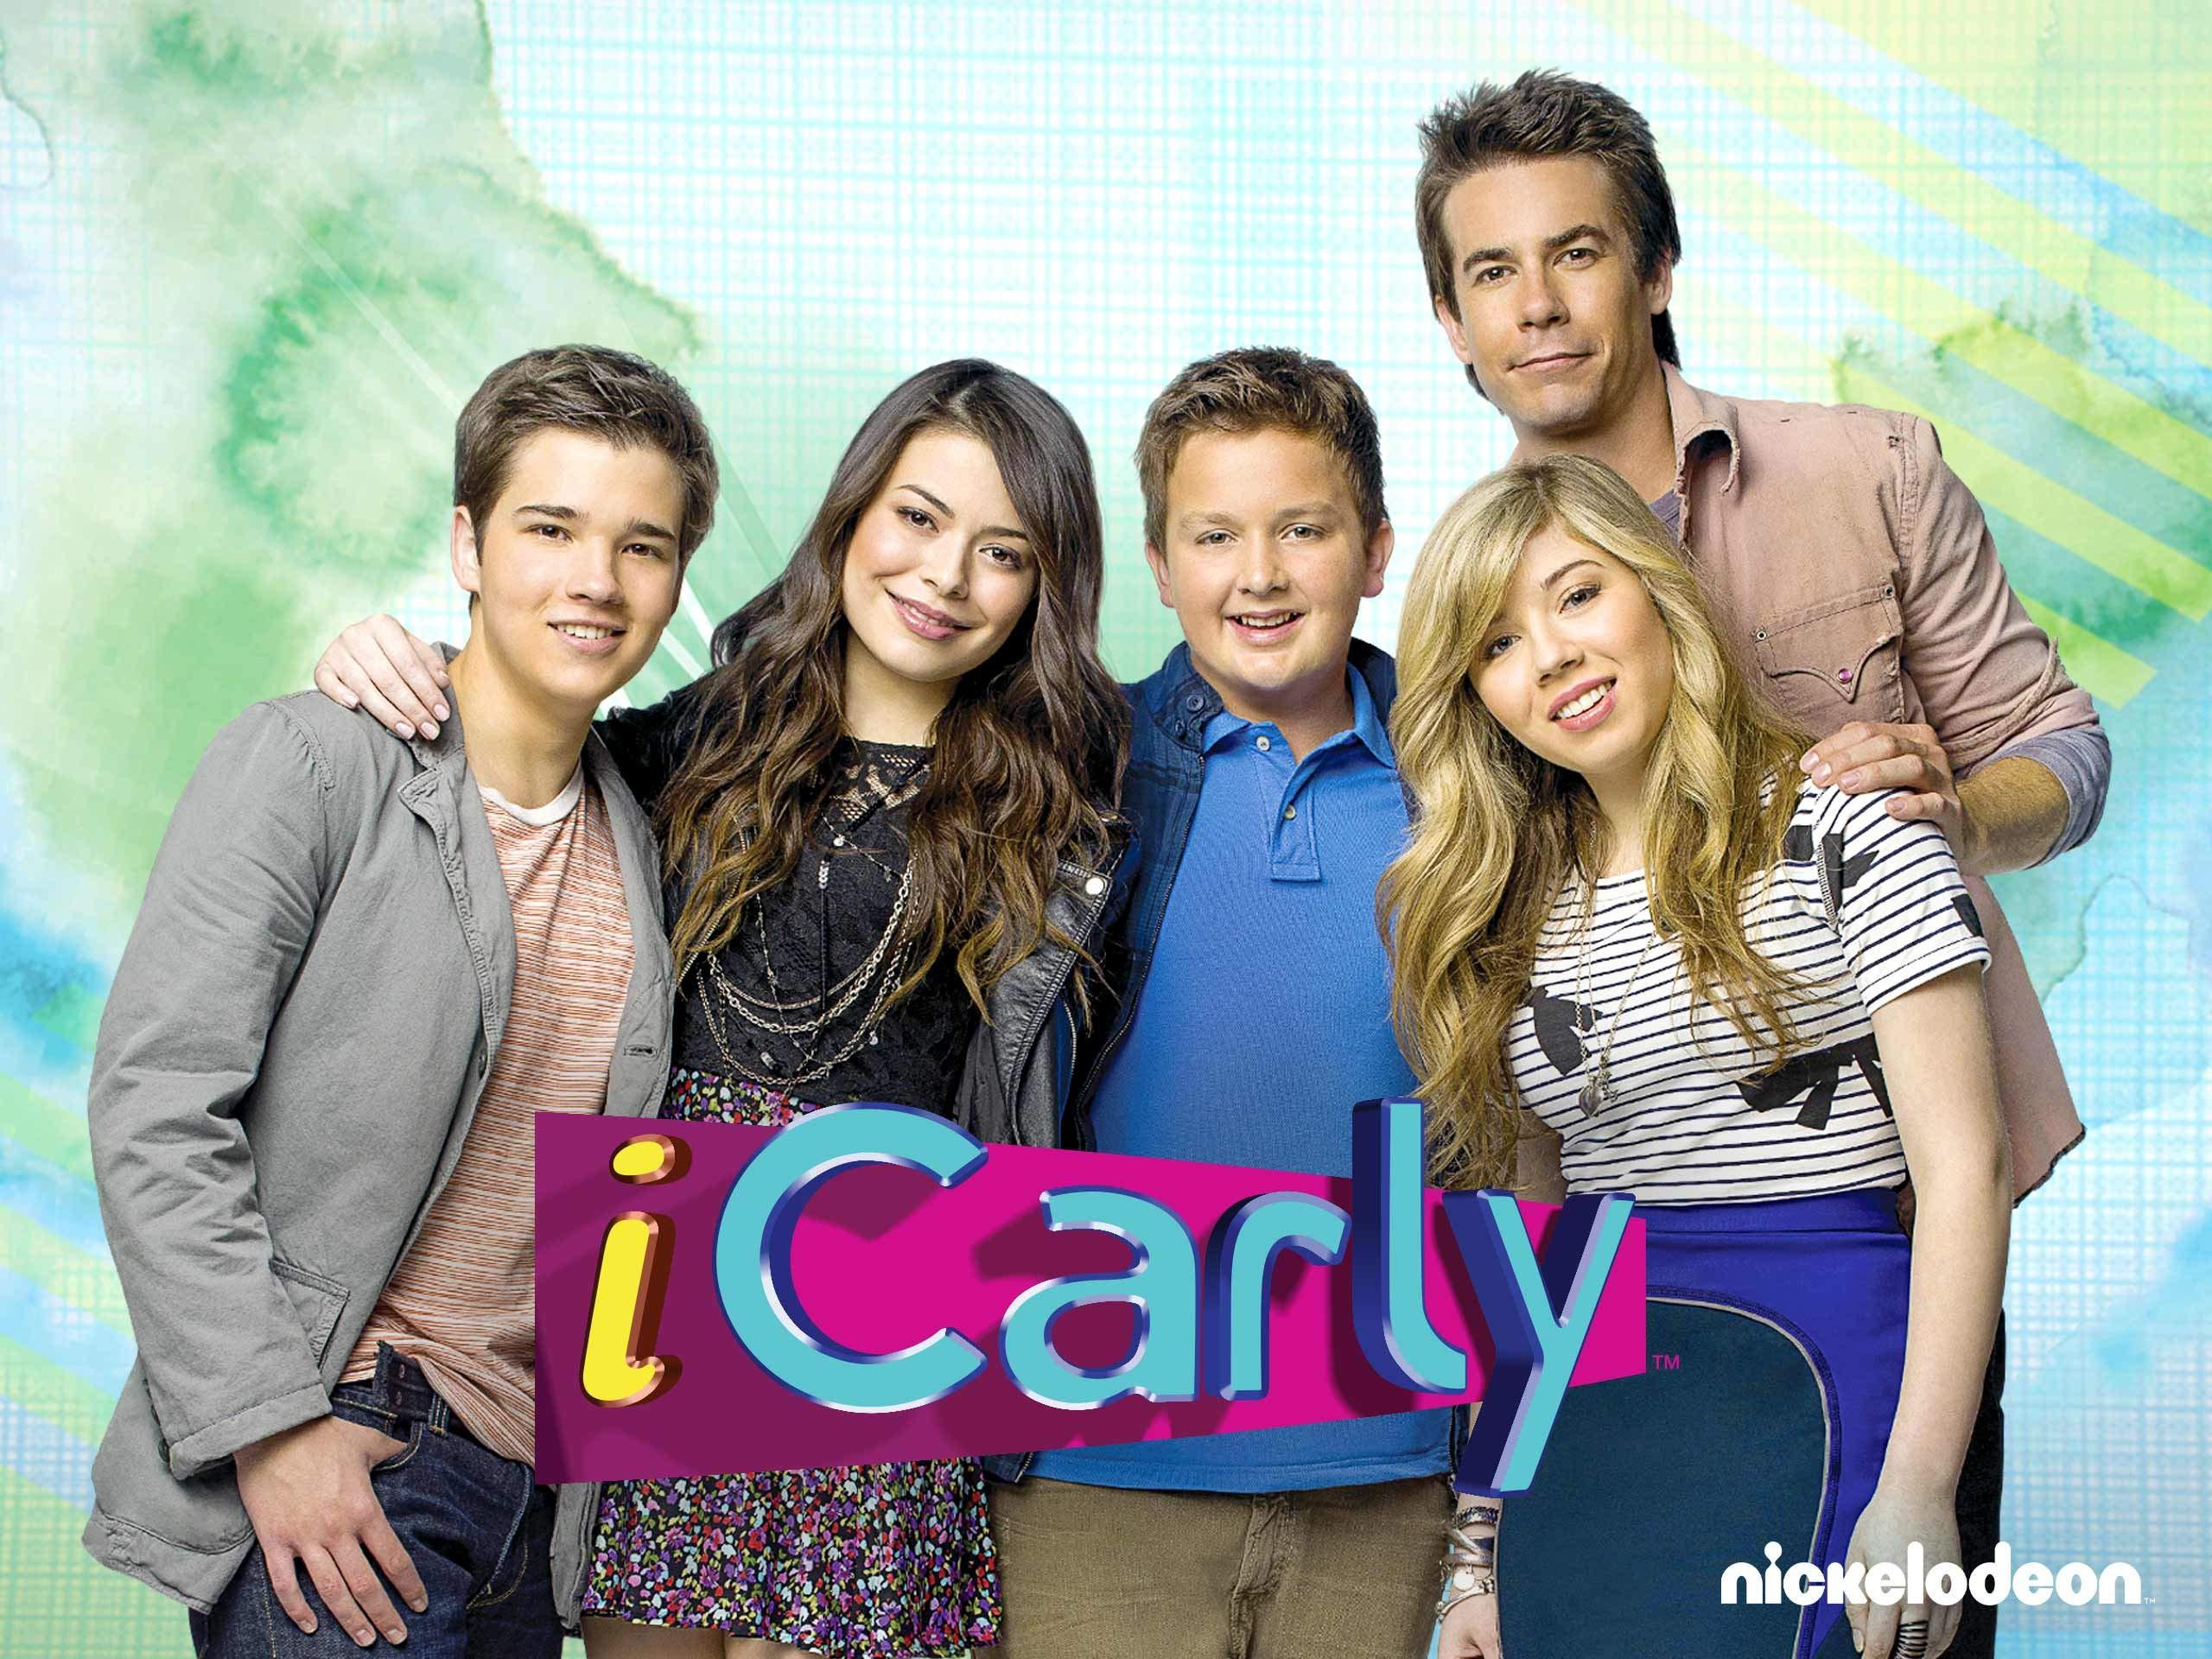 Icarlyseason episode 3 3 watch iCarly S6E3